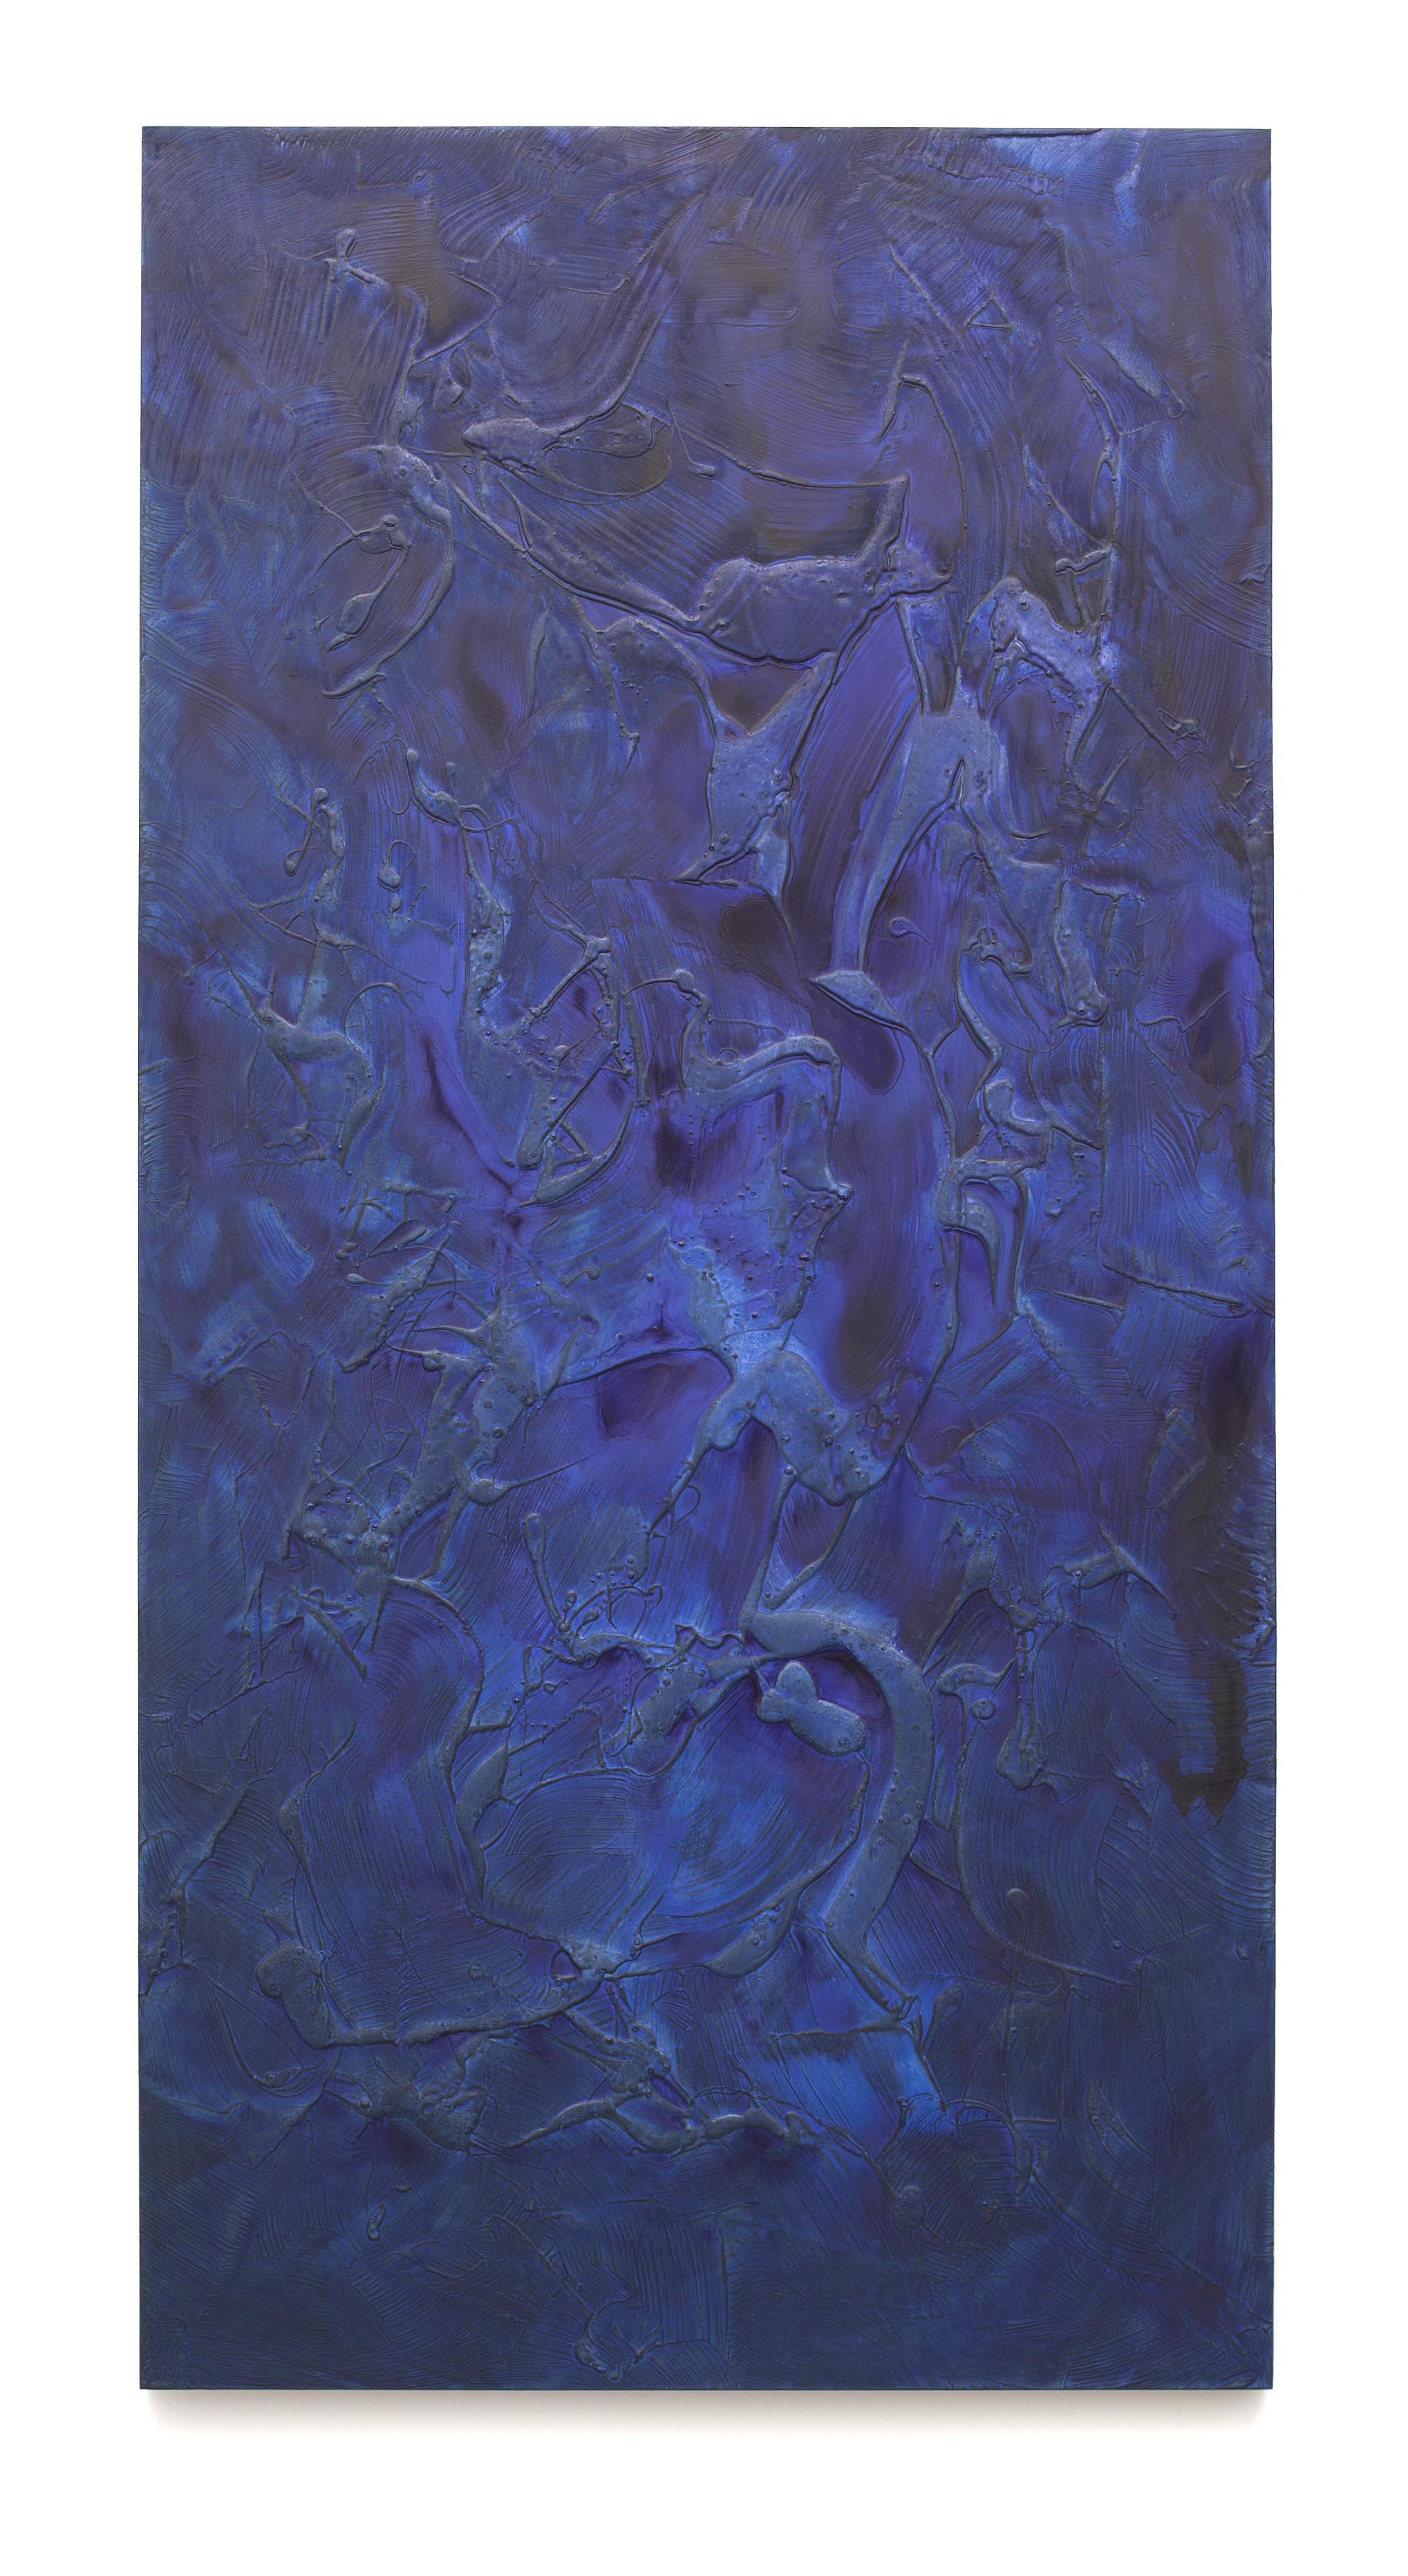 """Untitled (Can't Swim 03), 2018, Acrylic on archival foam board, 96"""" x 48"""""""